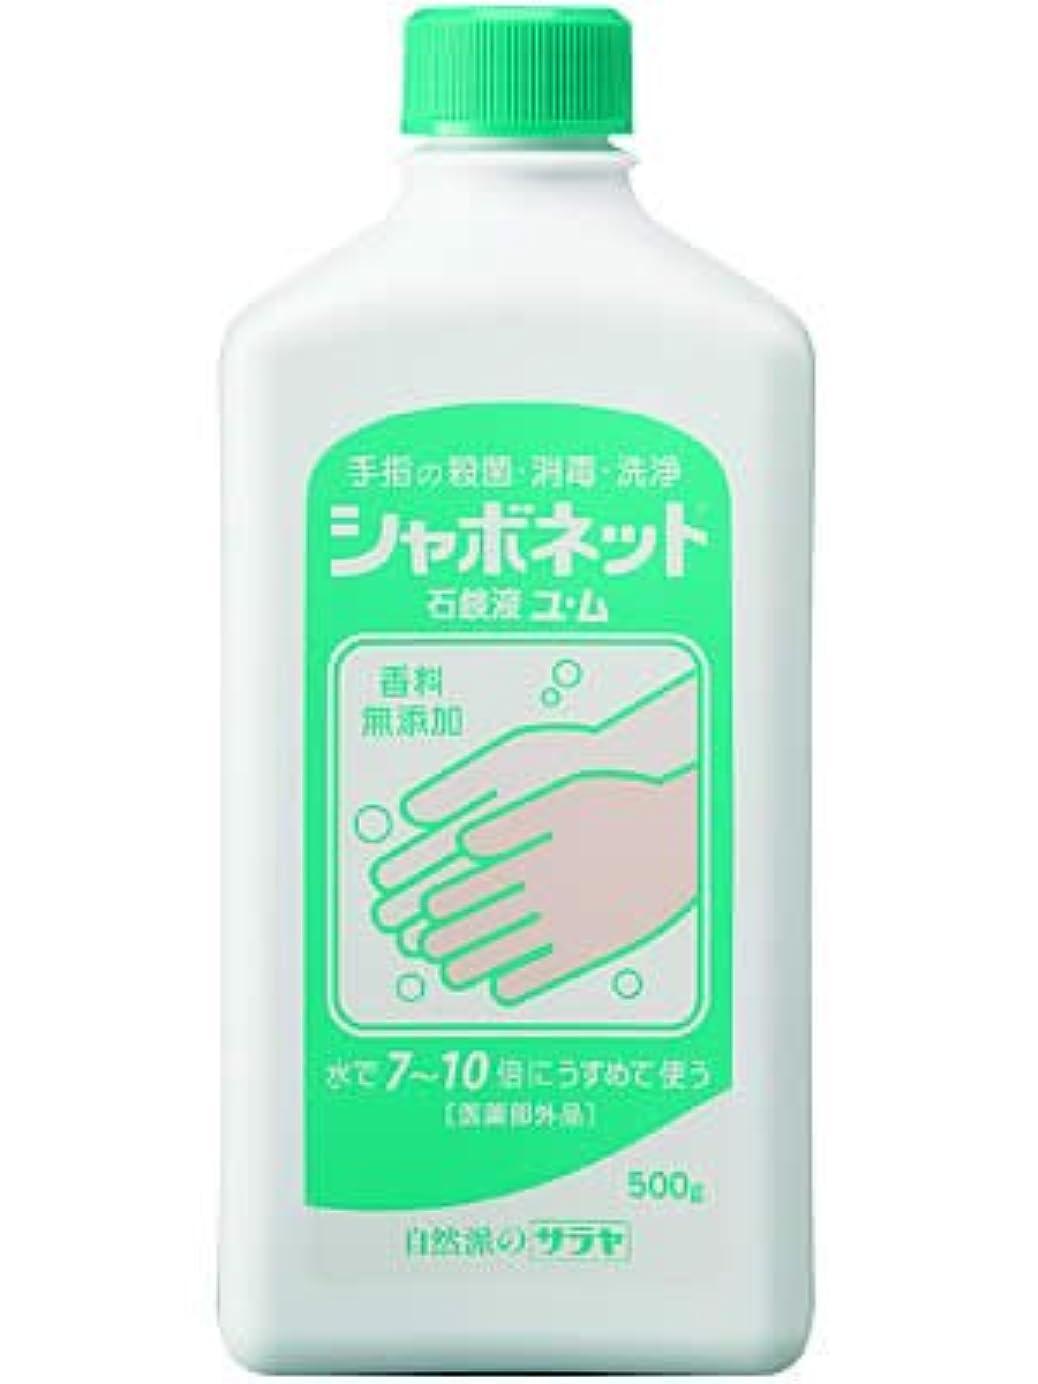 柔和配管工検索エンジンマーケティングシャボネット 石鹸液 ユ?ム 500g ×10個セット